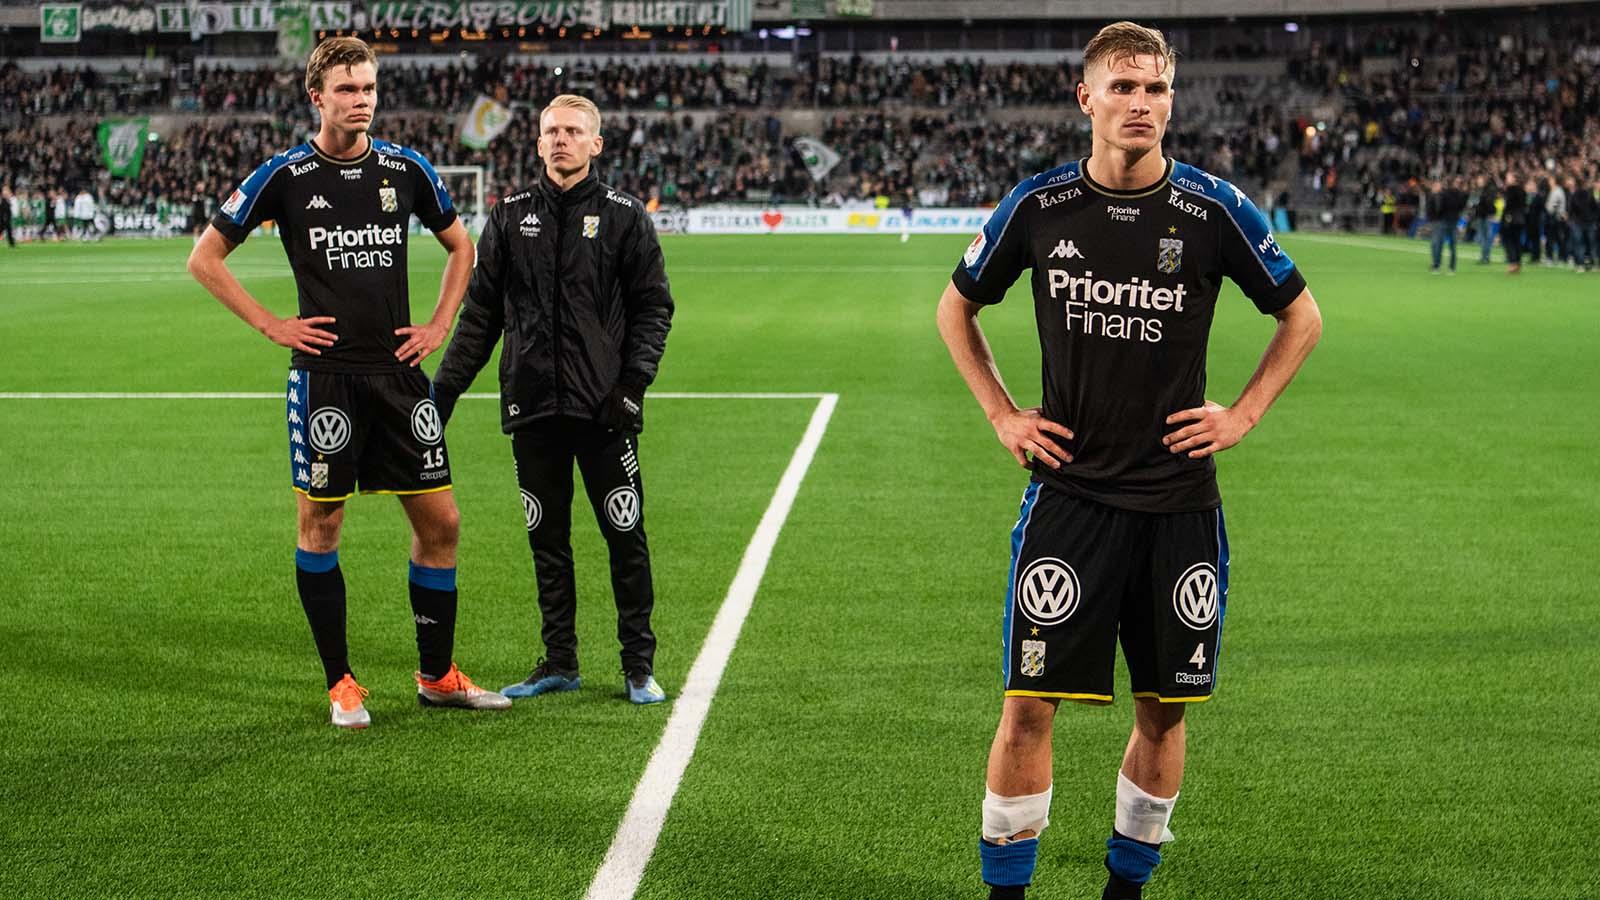 181001 IFK Göteborgs Marcus Degerlund och Carl Starfelt deppar efter fotbollsmatchen i Allsvenskan mellan Hammarby och IFK Göteborg den 1 Oktober 2018 i Stockholm. Foto: Maxim Thoré / BILDBYRÅN